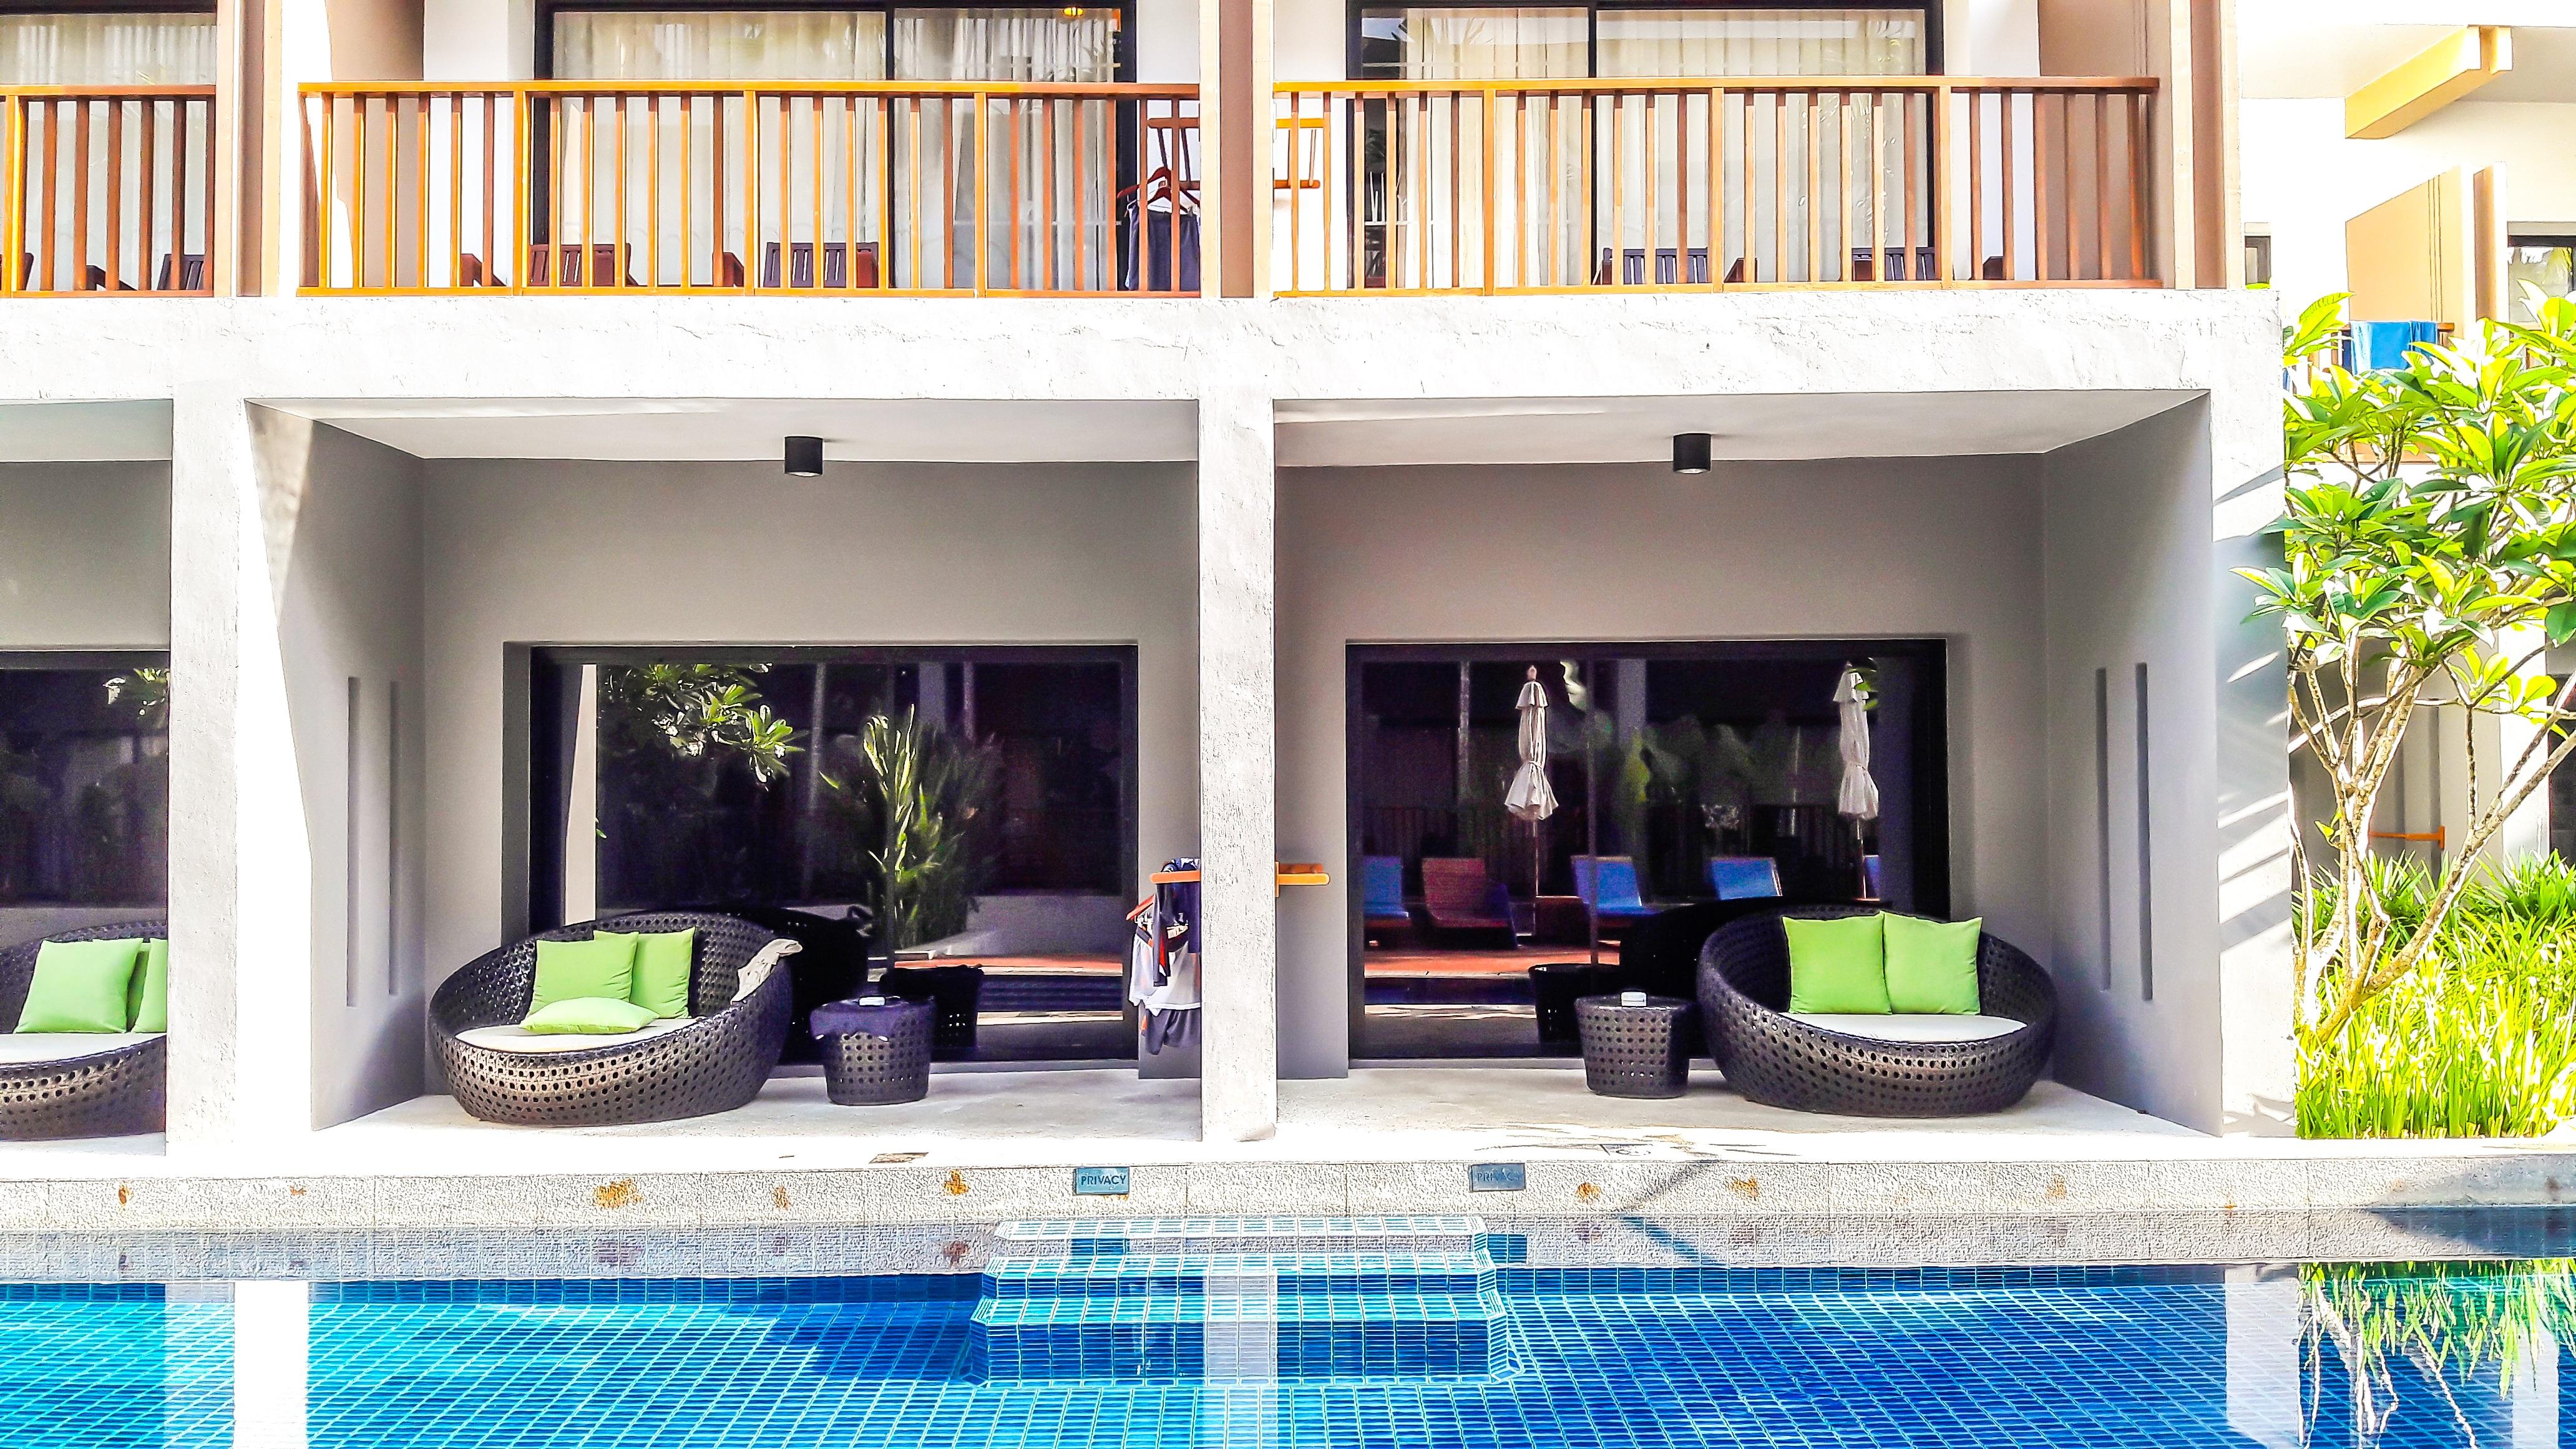 Gratis afbeeldingen : villa huis venster huis zomer zwembad